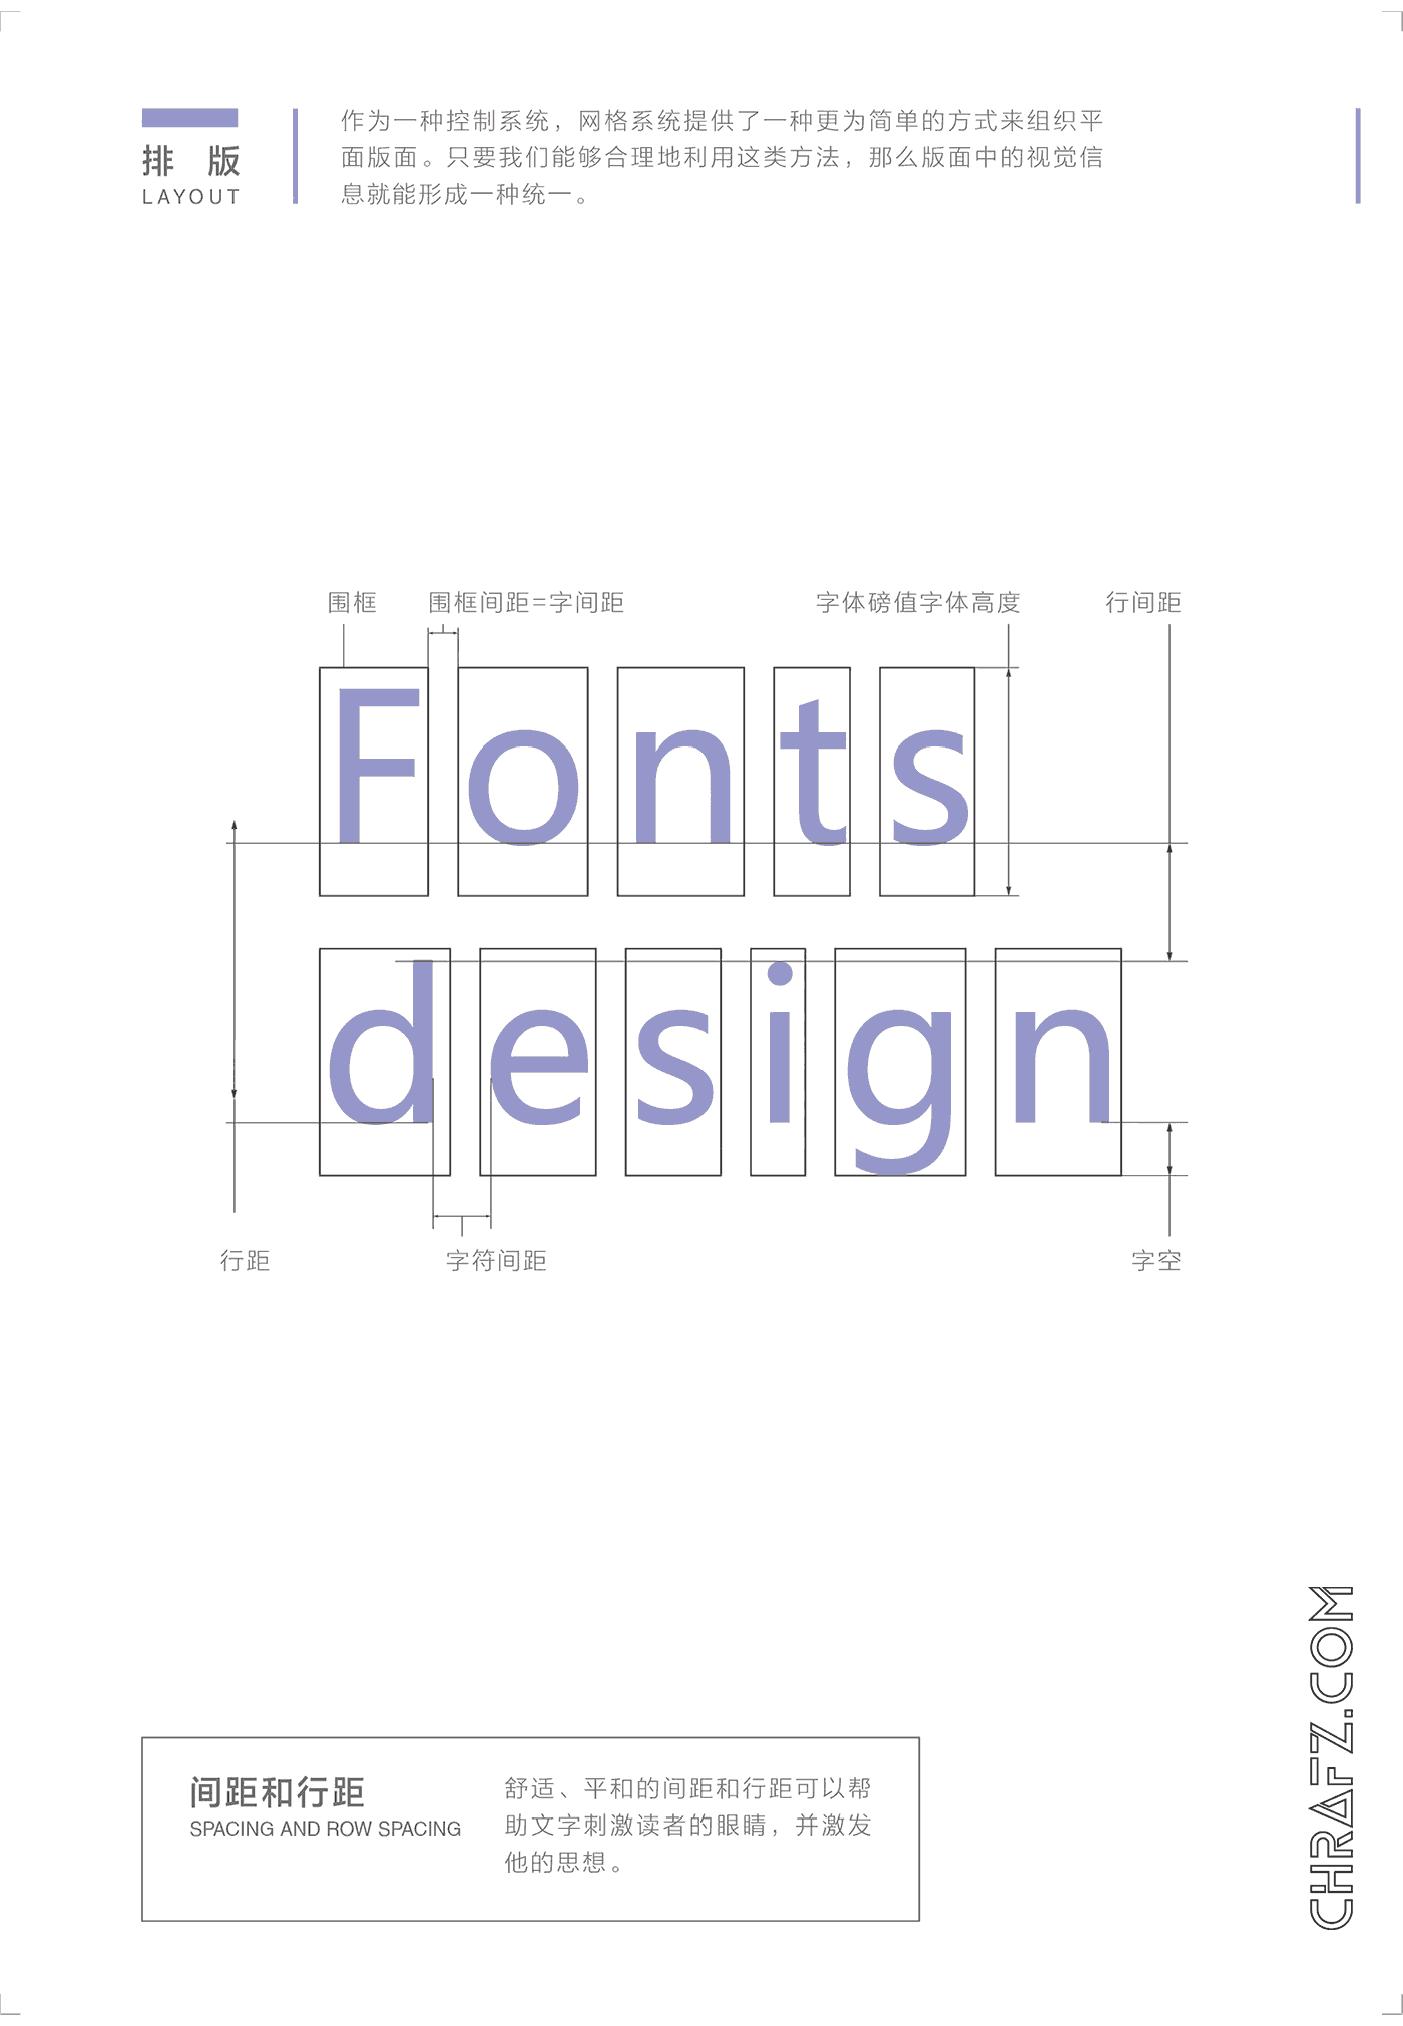 在设计中排版的规范-设计-张弦先生-chrafz.com